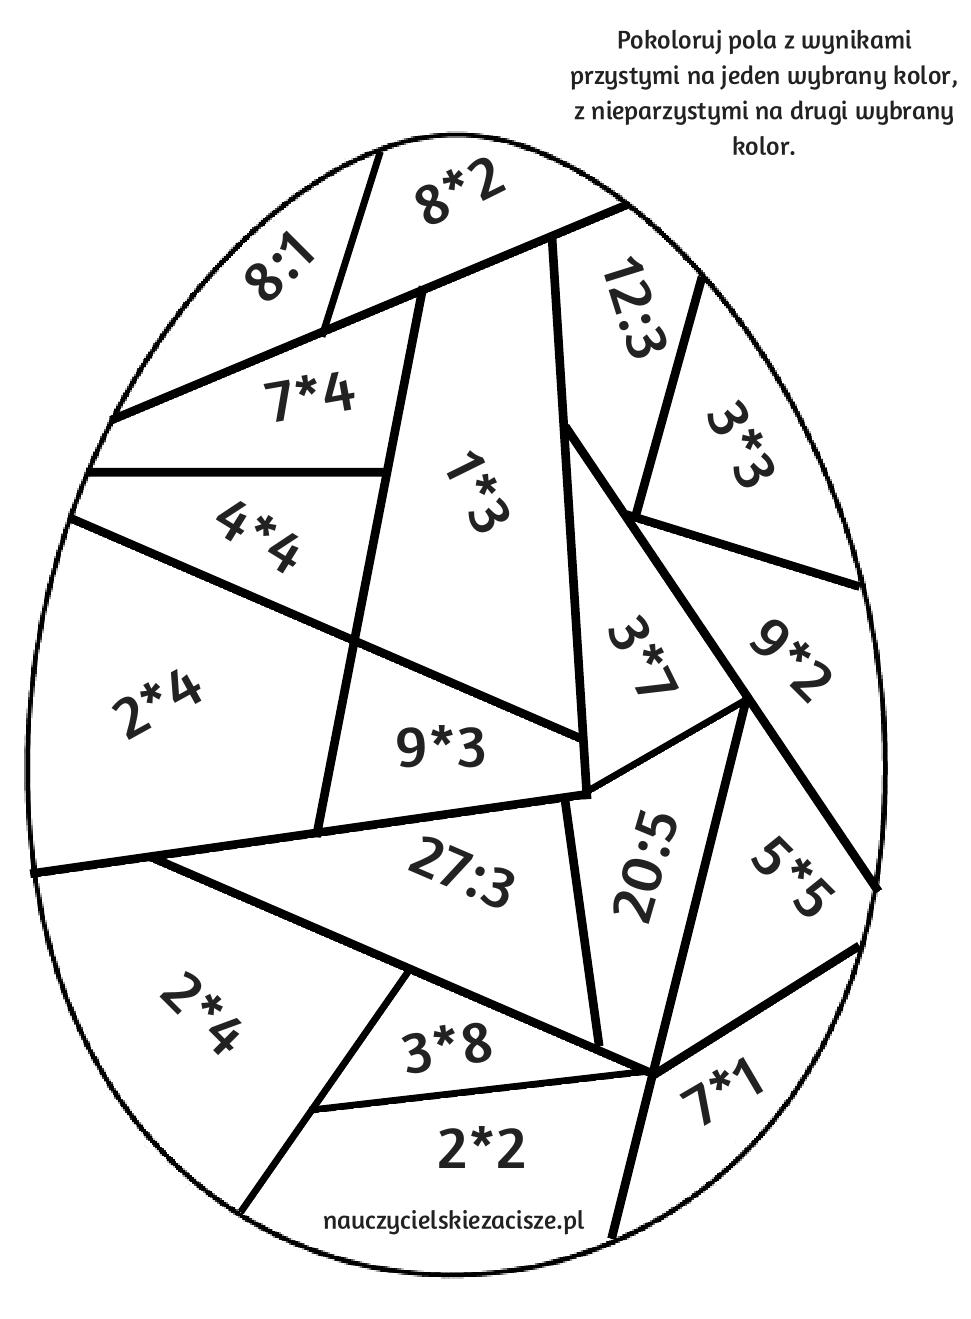 Nauczycielu Rodzicu Szukasz Pomocy Edukacyjnych Kart Pracy Pomyslow Na Gry Zabawy Materialow Math Activities Preschool Math Coloring Learning Worksheets